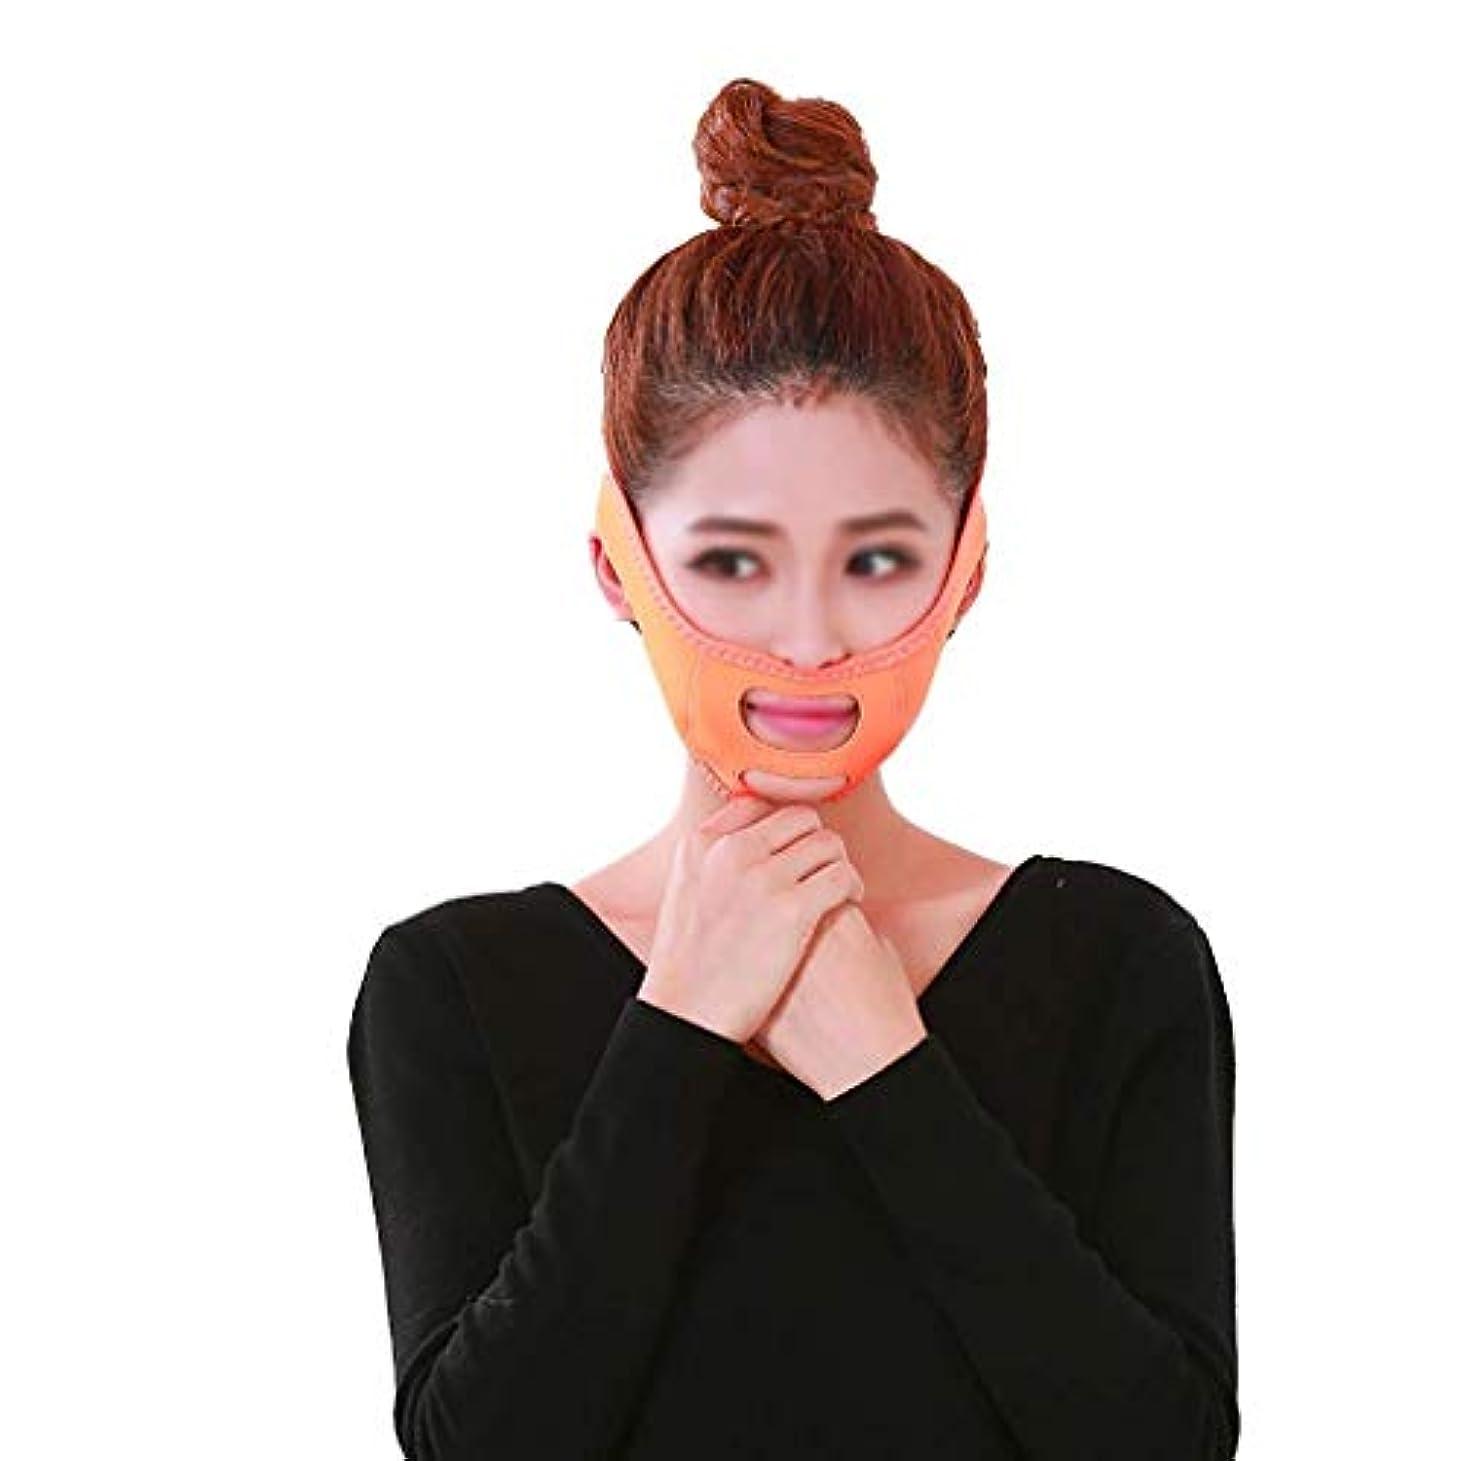 まだクレア受け皿フェイスリフトフェイシャル、肌のリラクゼーションを防ぐタイトなVフェイスマスクVフェイスアーティファクトフェイスリフトバンデージフェイスケア(色:オレンジ)